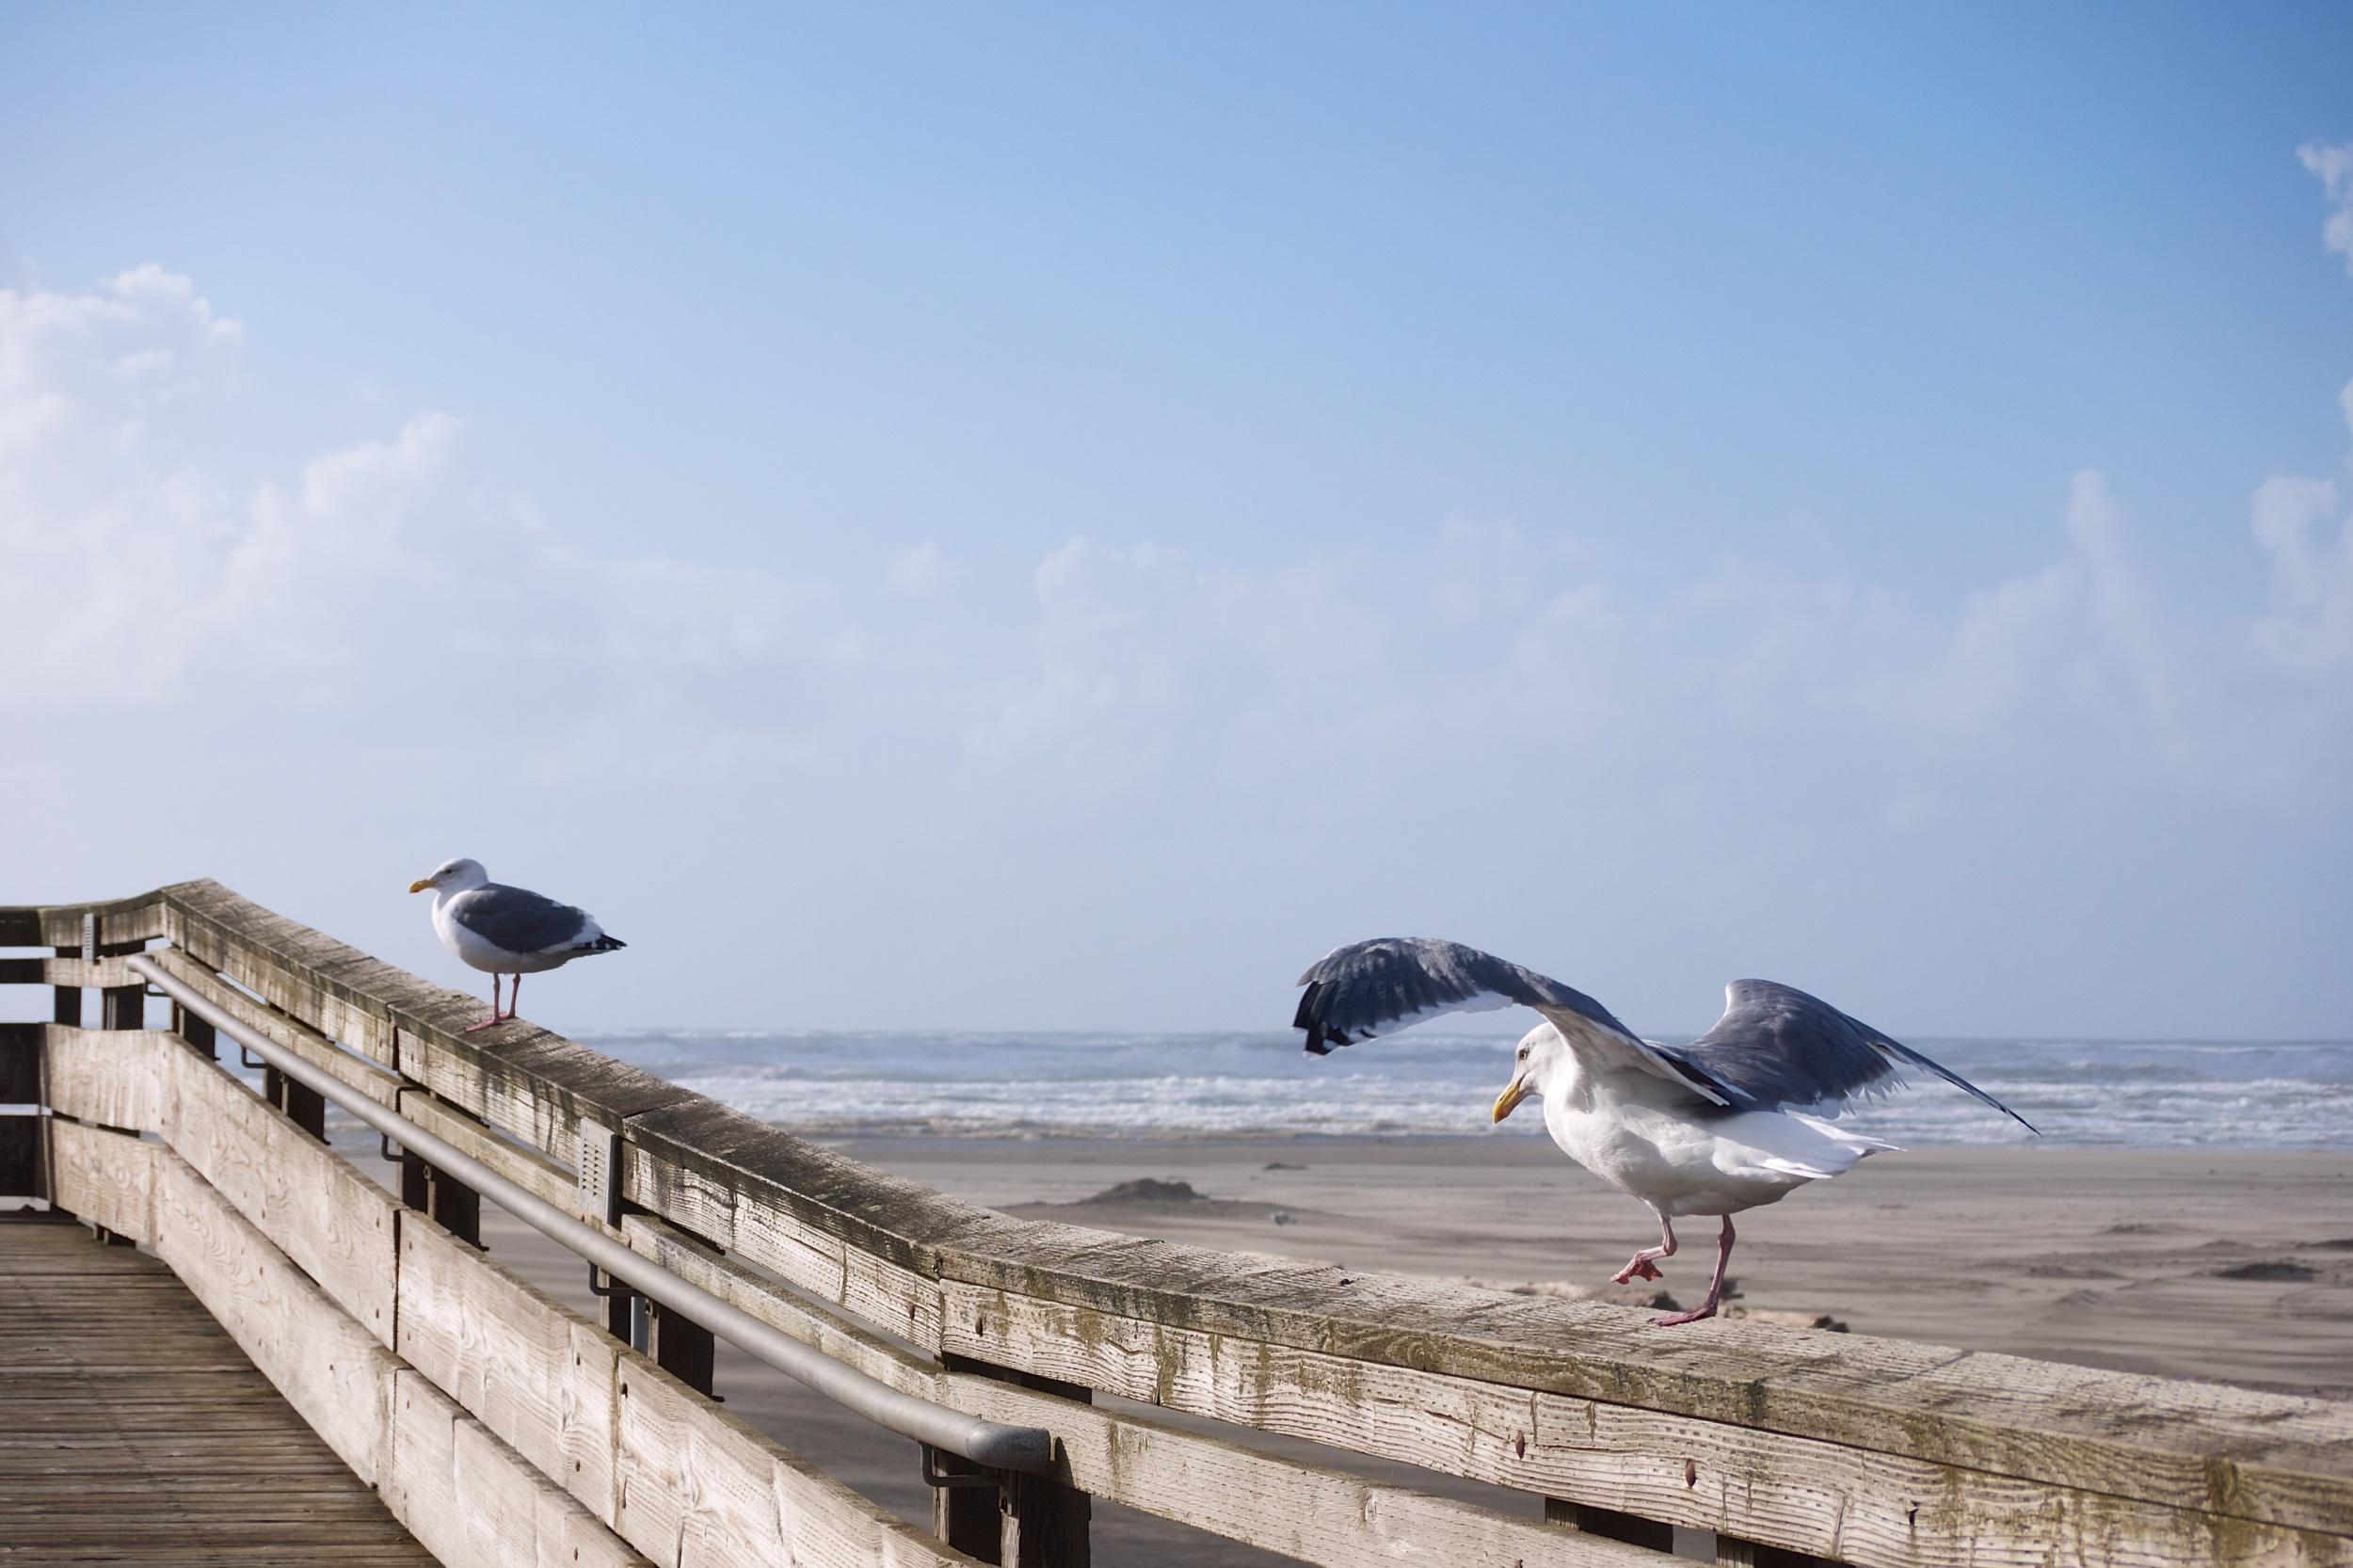 Boardwalk at Long Beach, WA